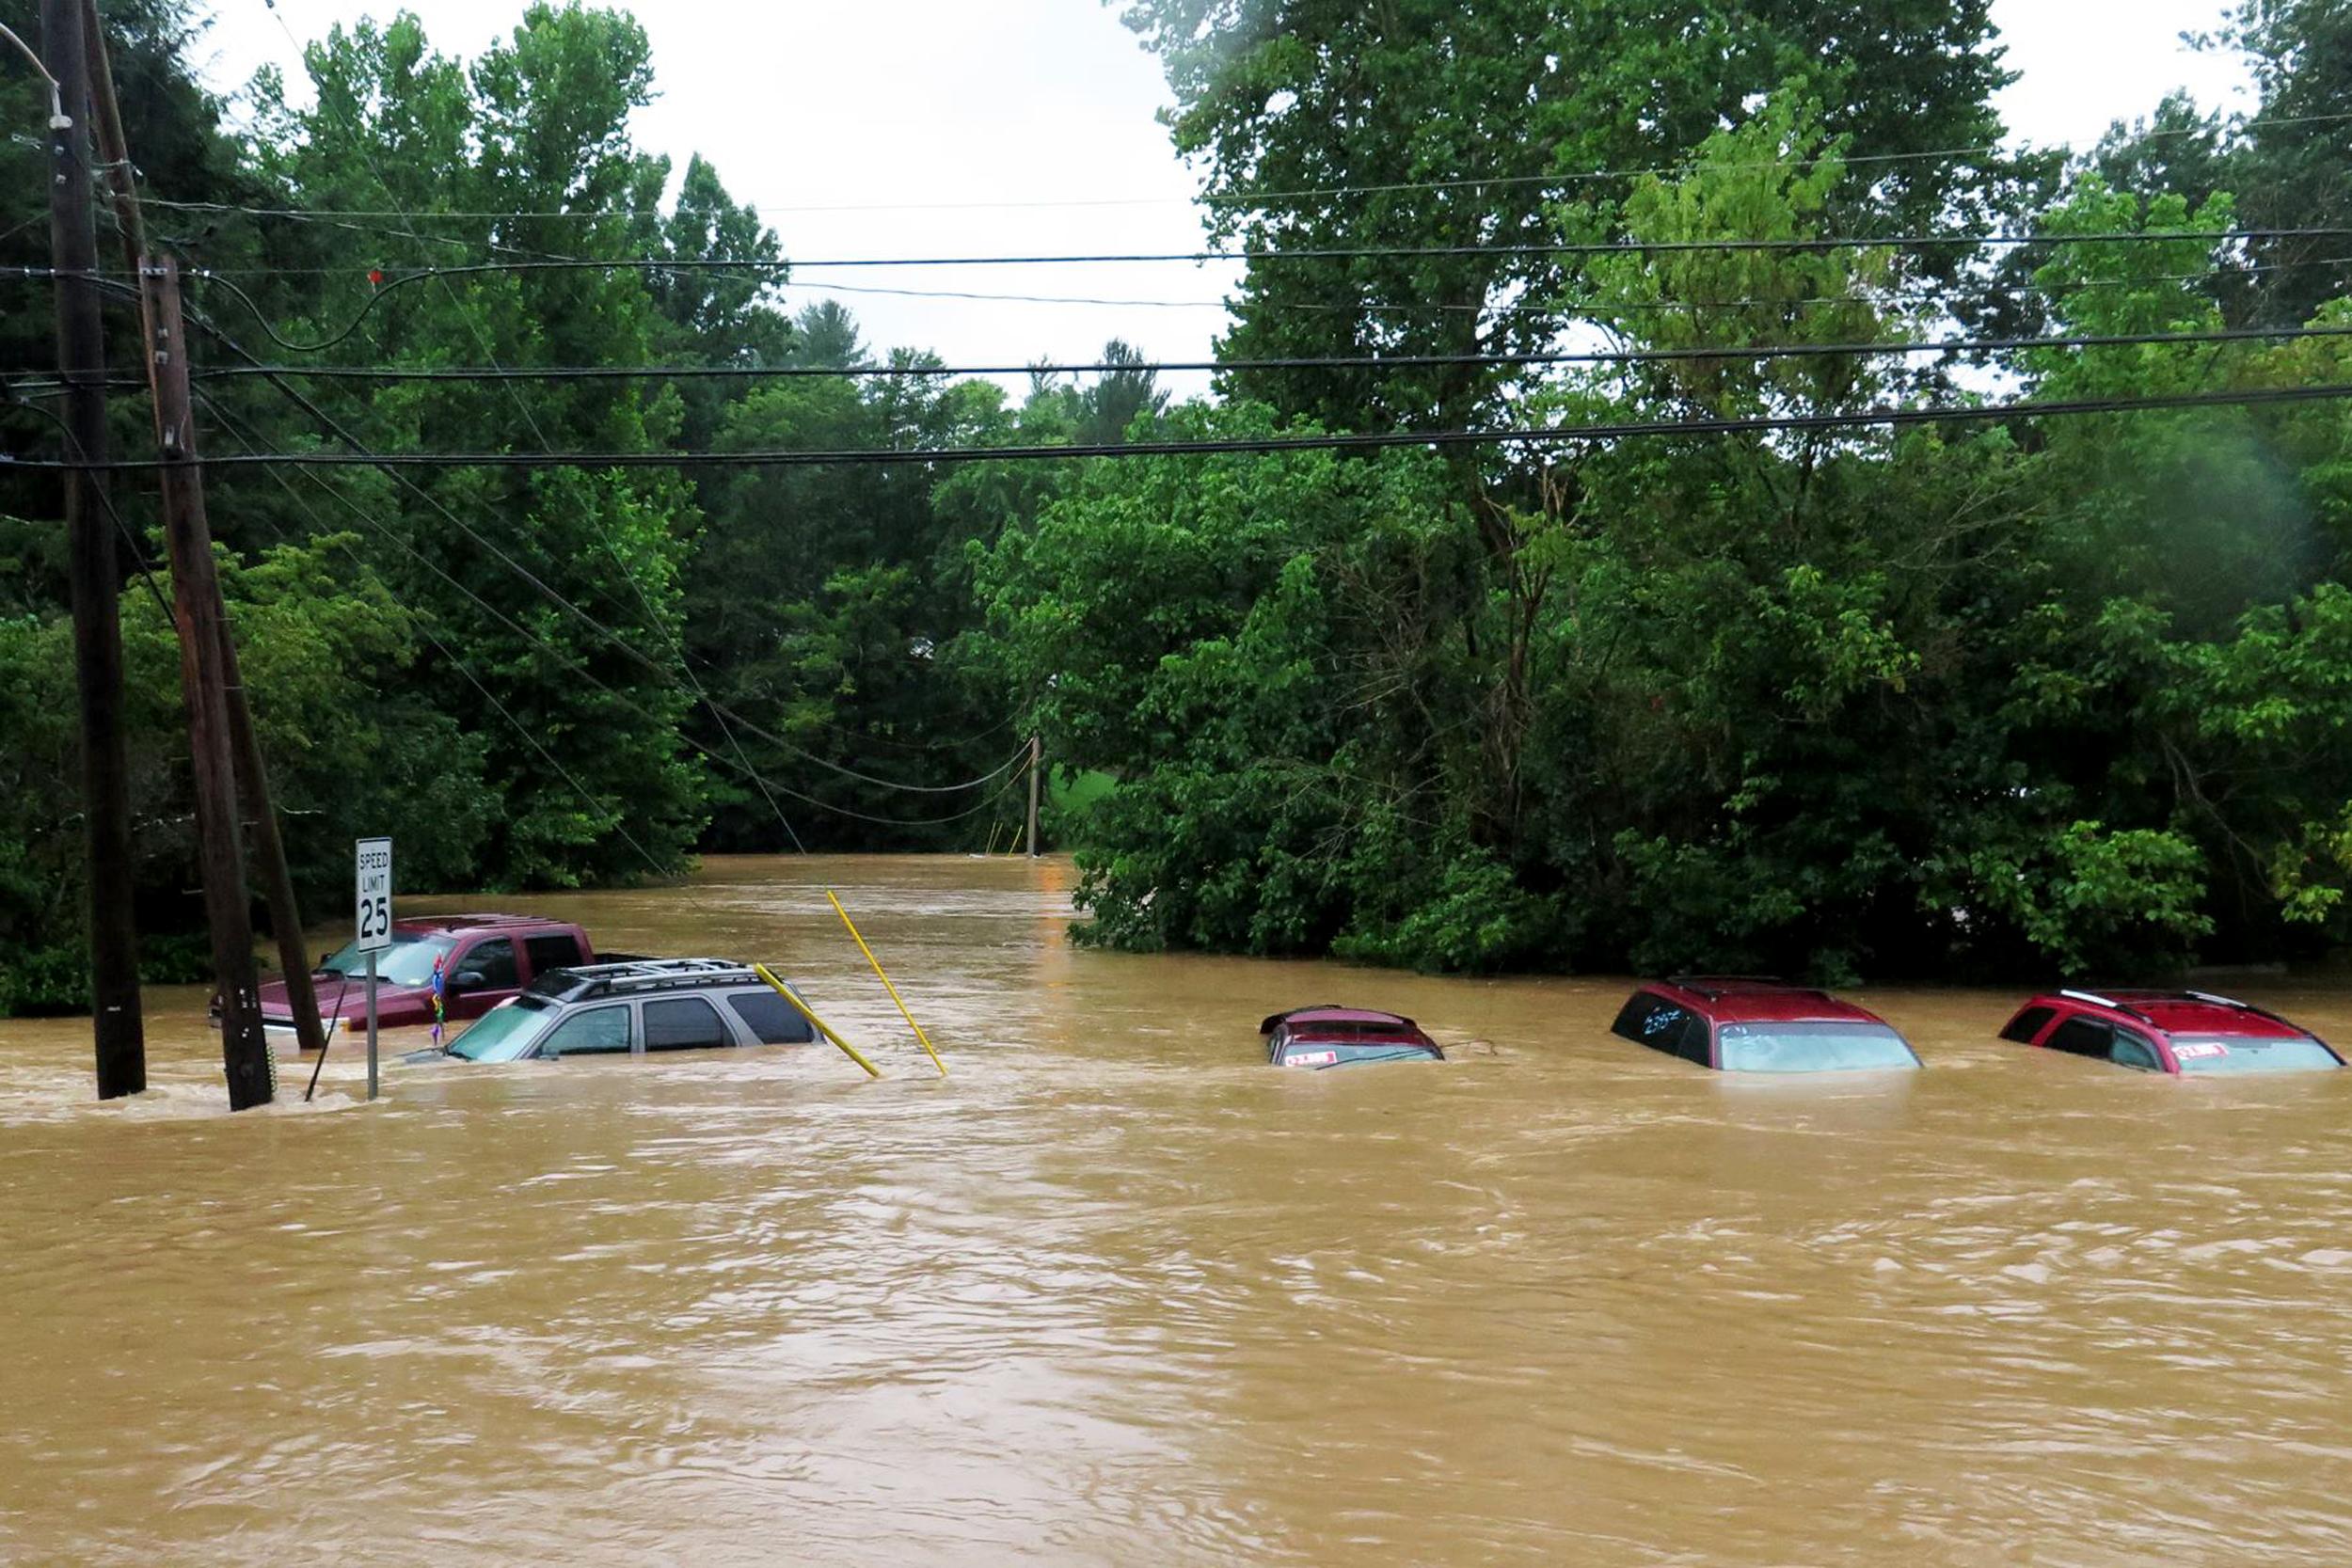 170729-flooding-wv-146p-rs_6cb7c48c9d07736944b035b470146f86.jpg